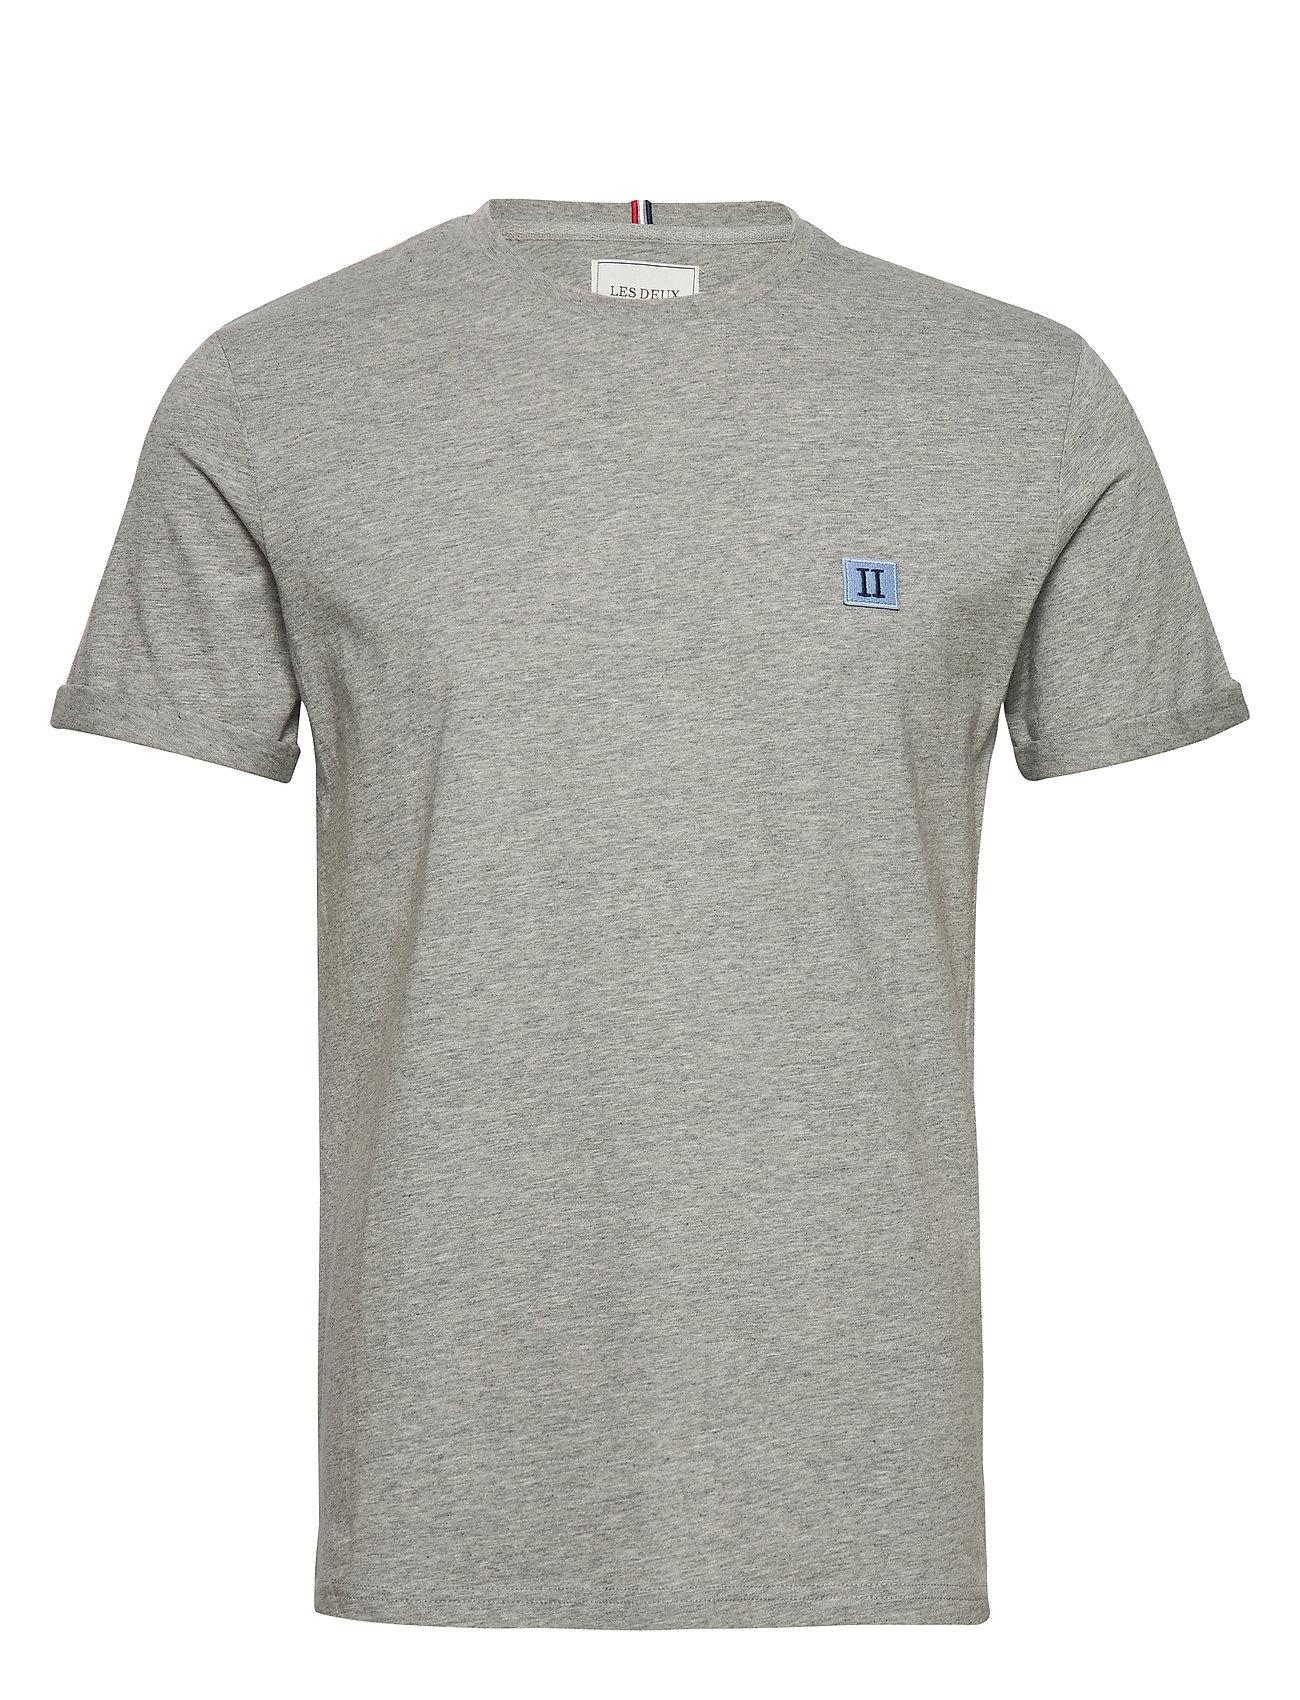 Les Deux Piece T-Shirt - GREY MELANGE